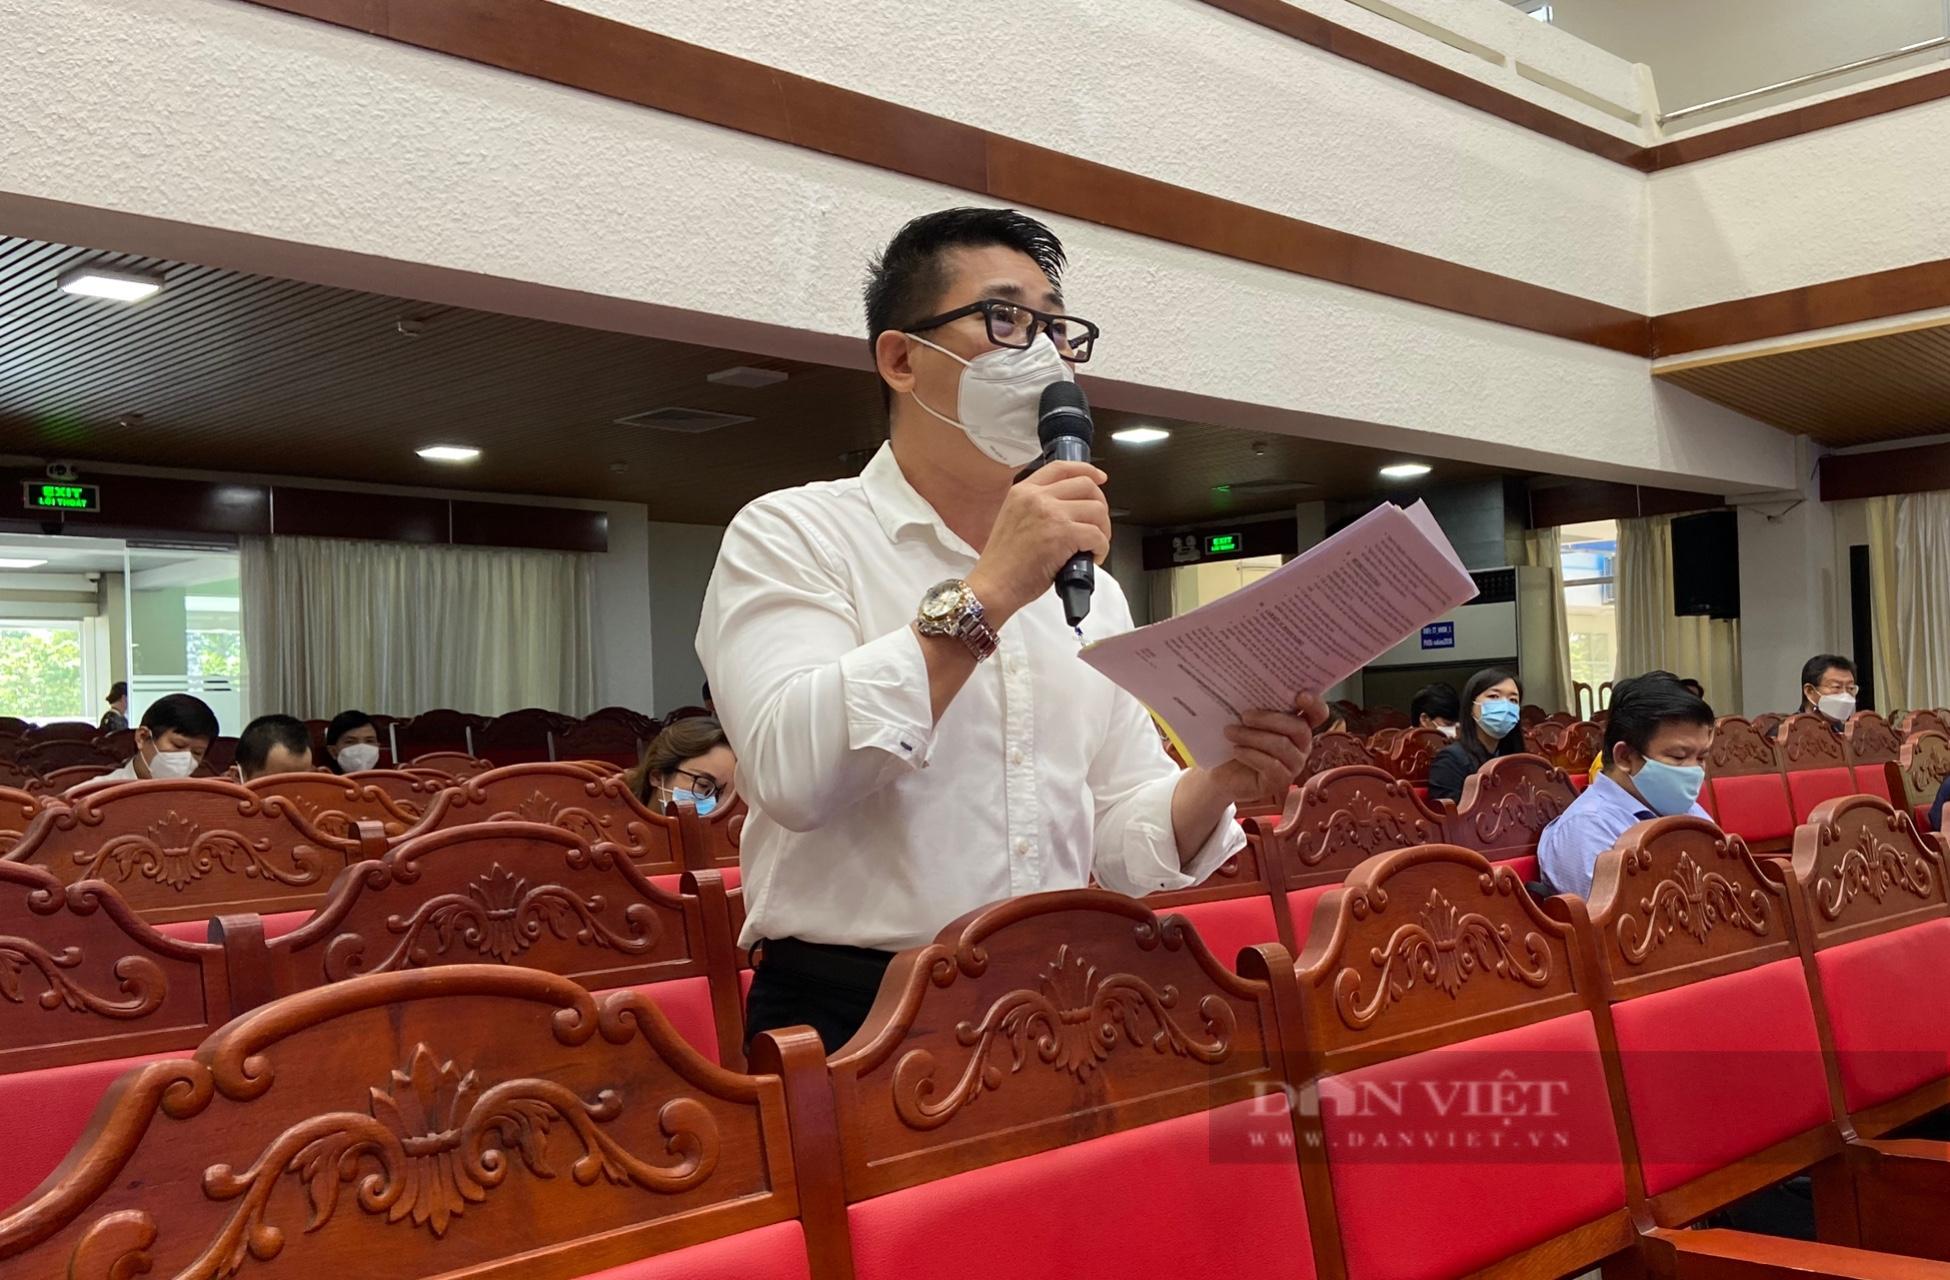 """Đồng Nai: Doanh nghiệp muốn công nhân được sớm tiêm vaccine và """"mở cửa"""" trong an toàn - Ảnh 2."""